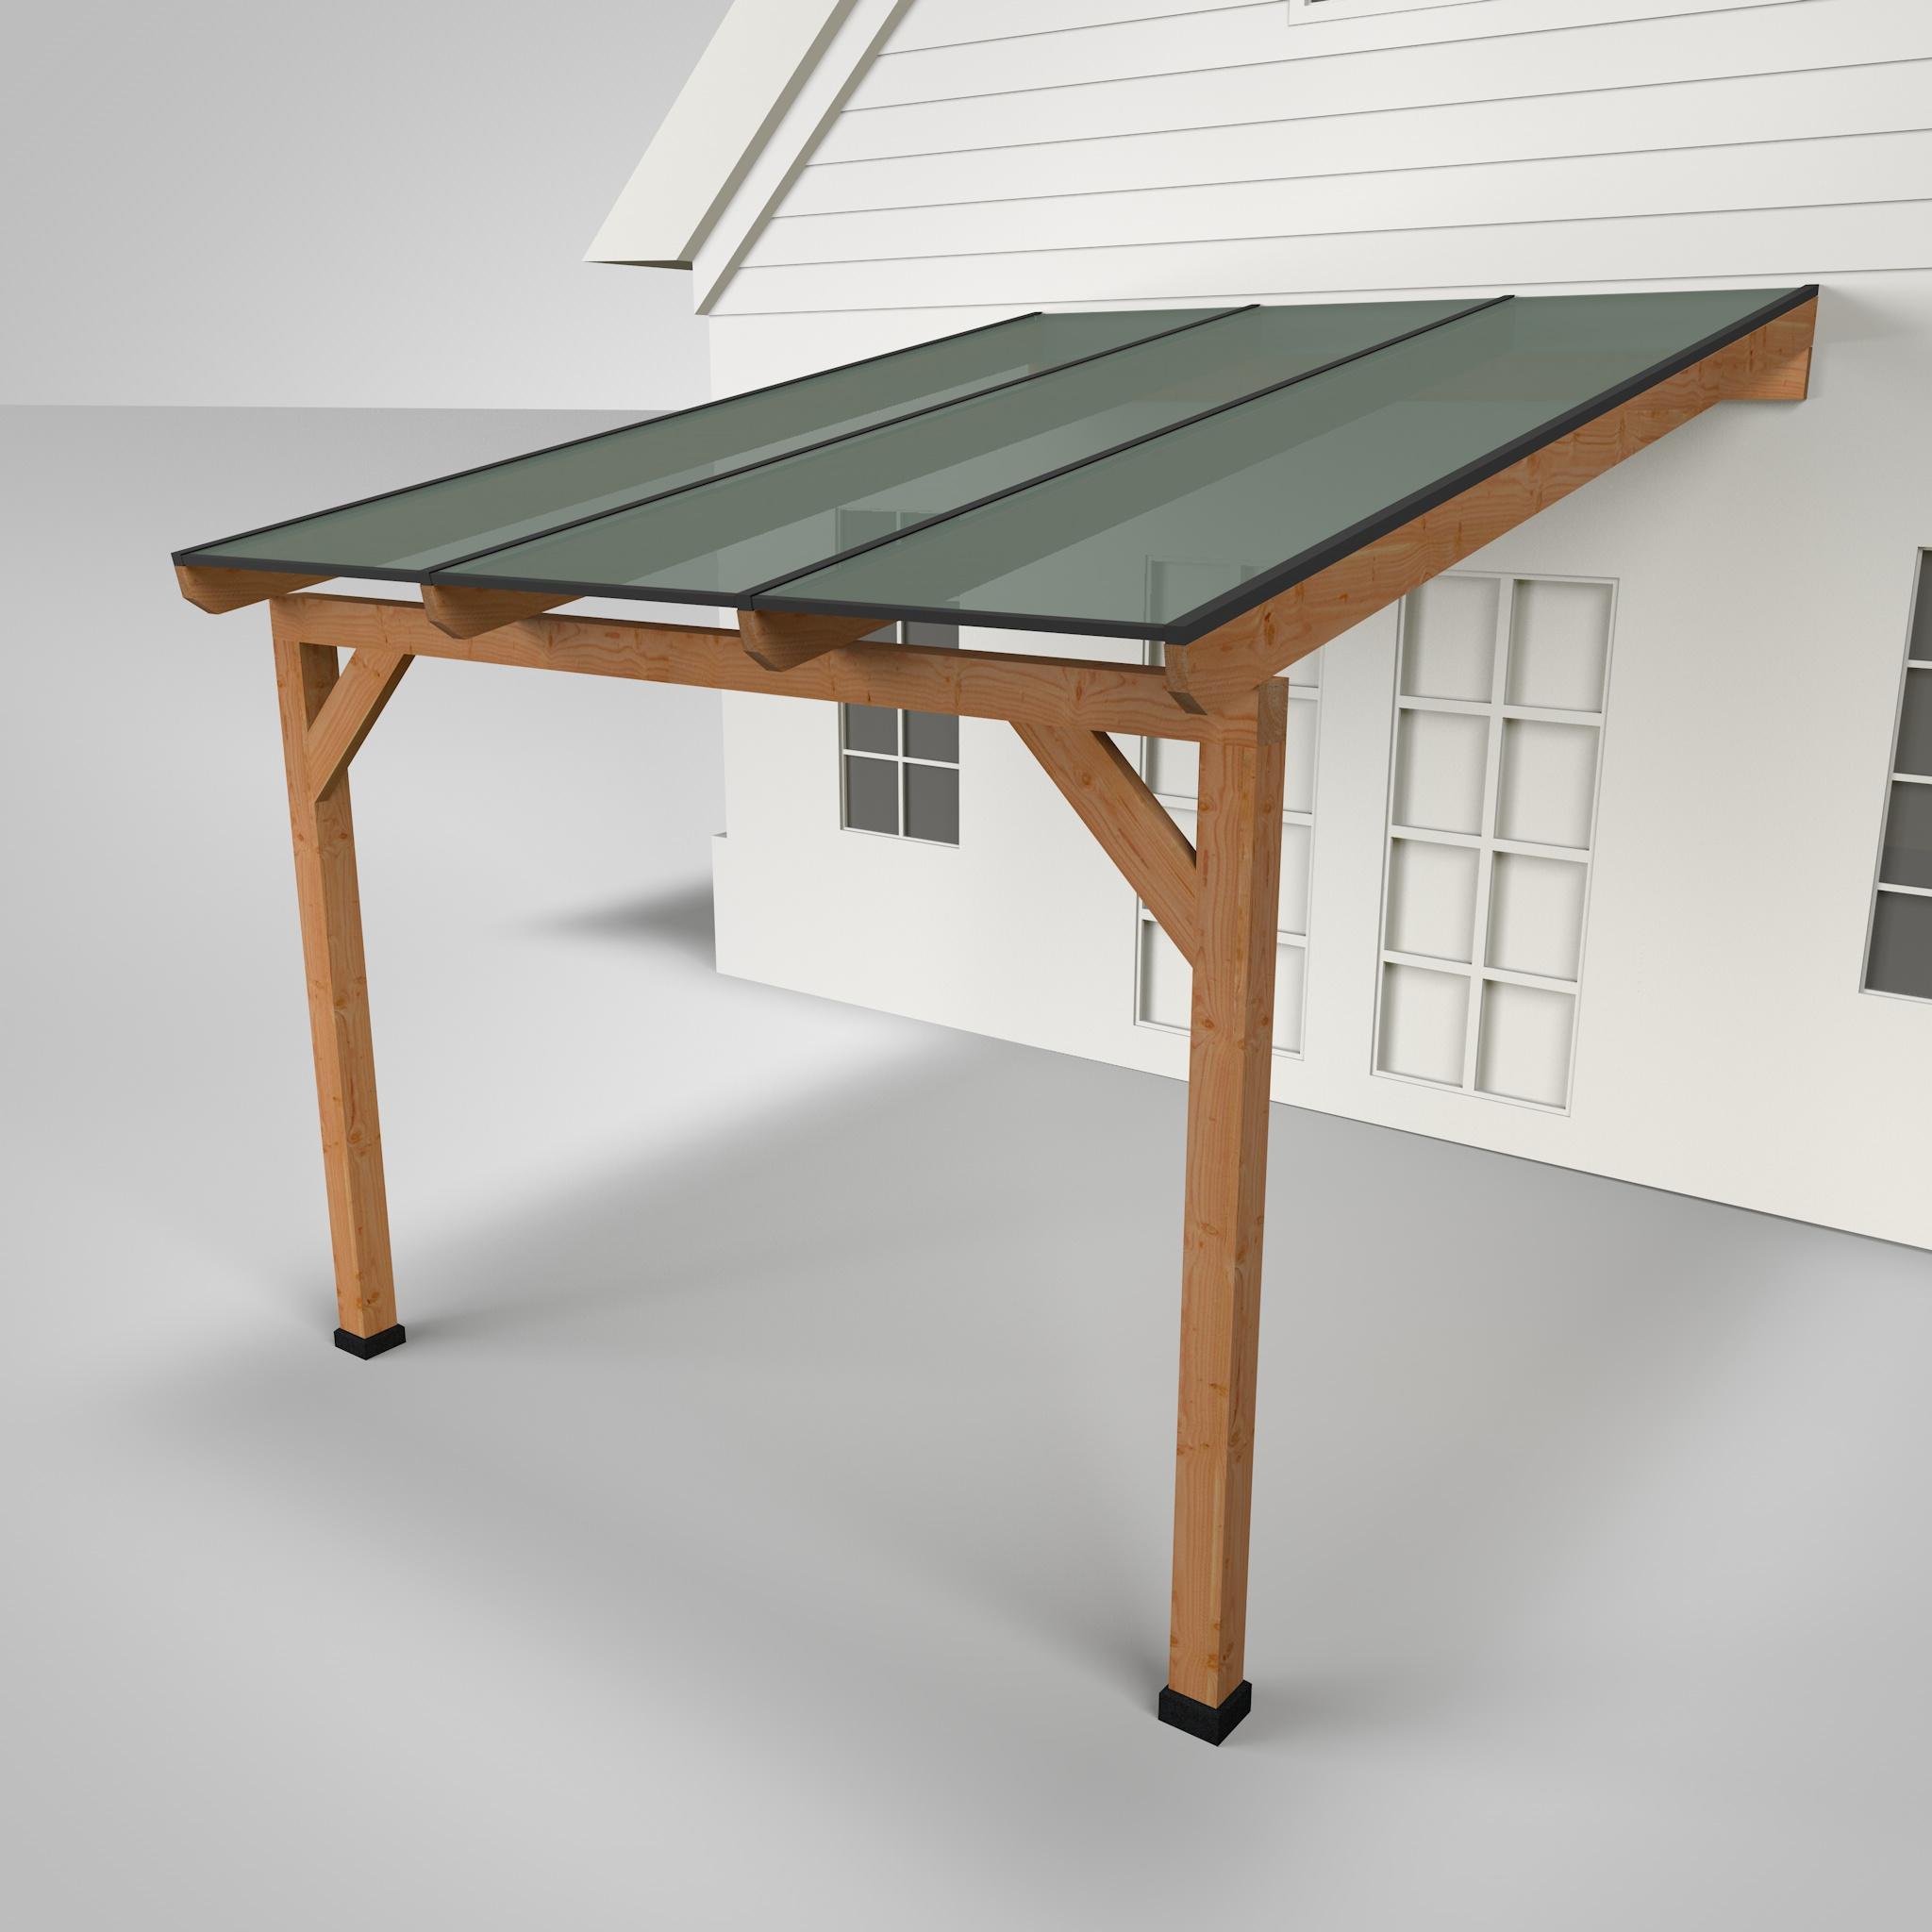 Westwood   Douglas terrasoverkapping   Comfort +   Opaal   Antraciet   306x350   Muuraanbouw